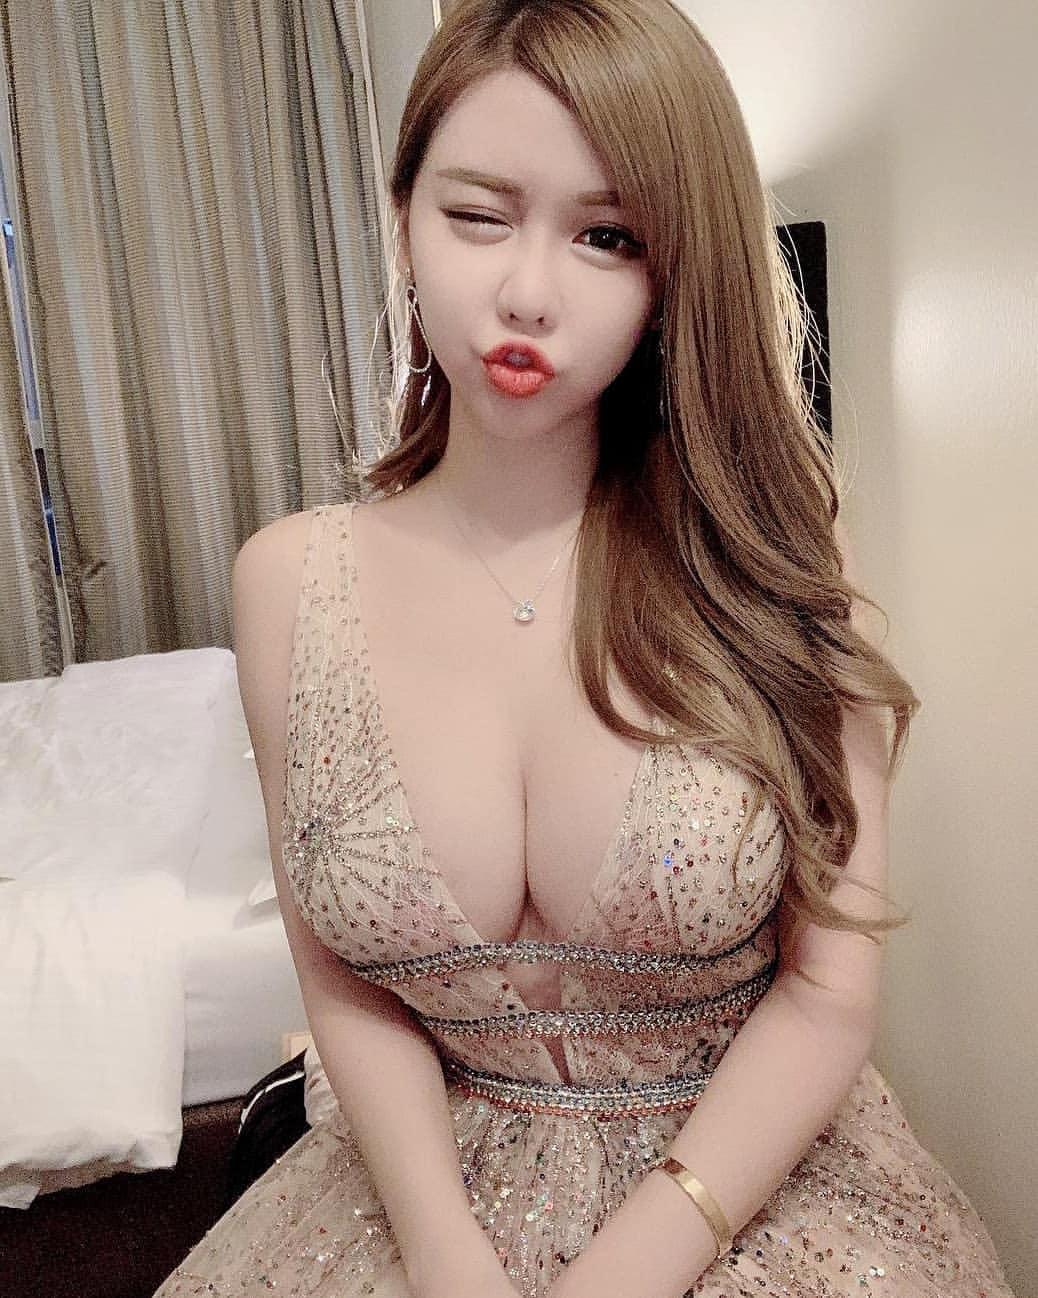 台北各大酒店KTV夜場資訊